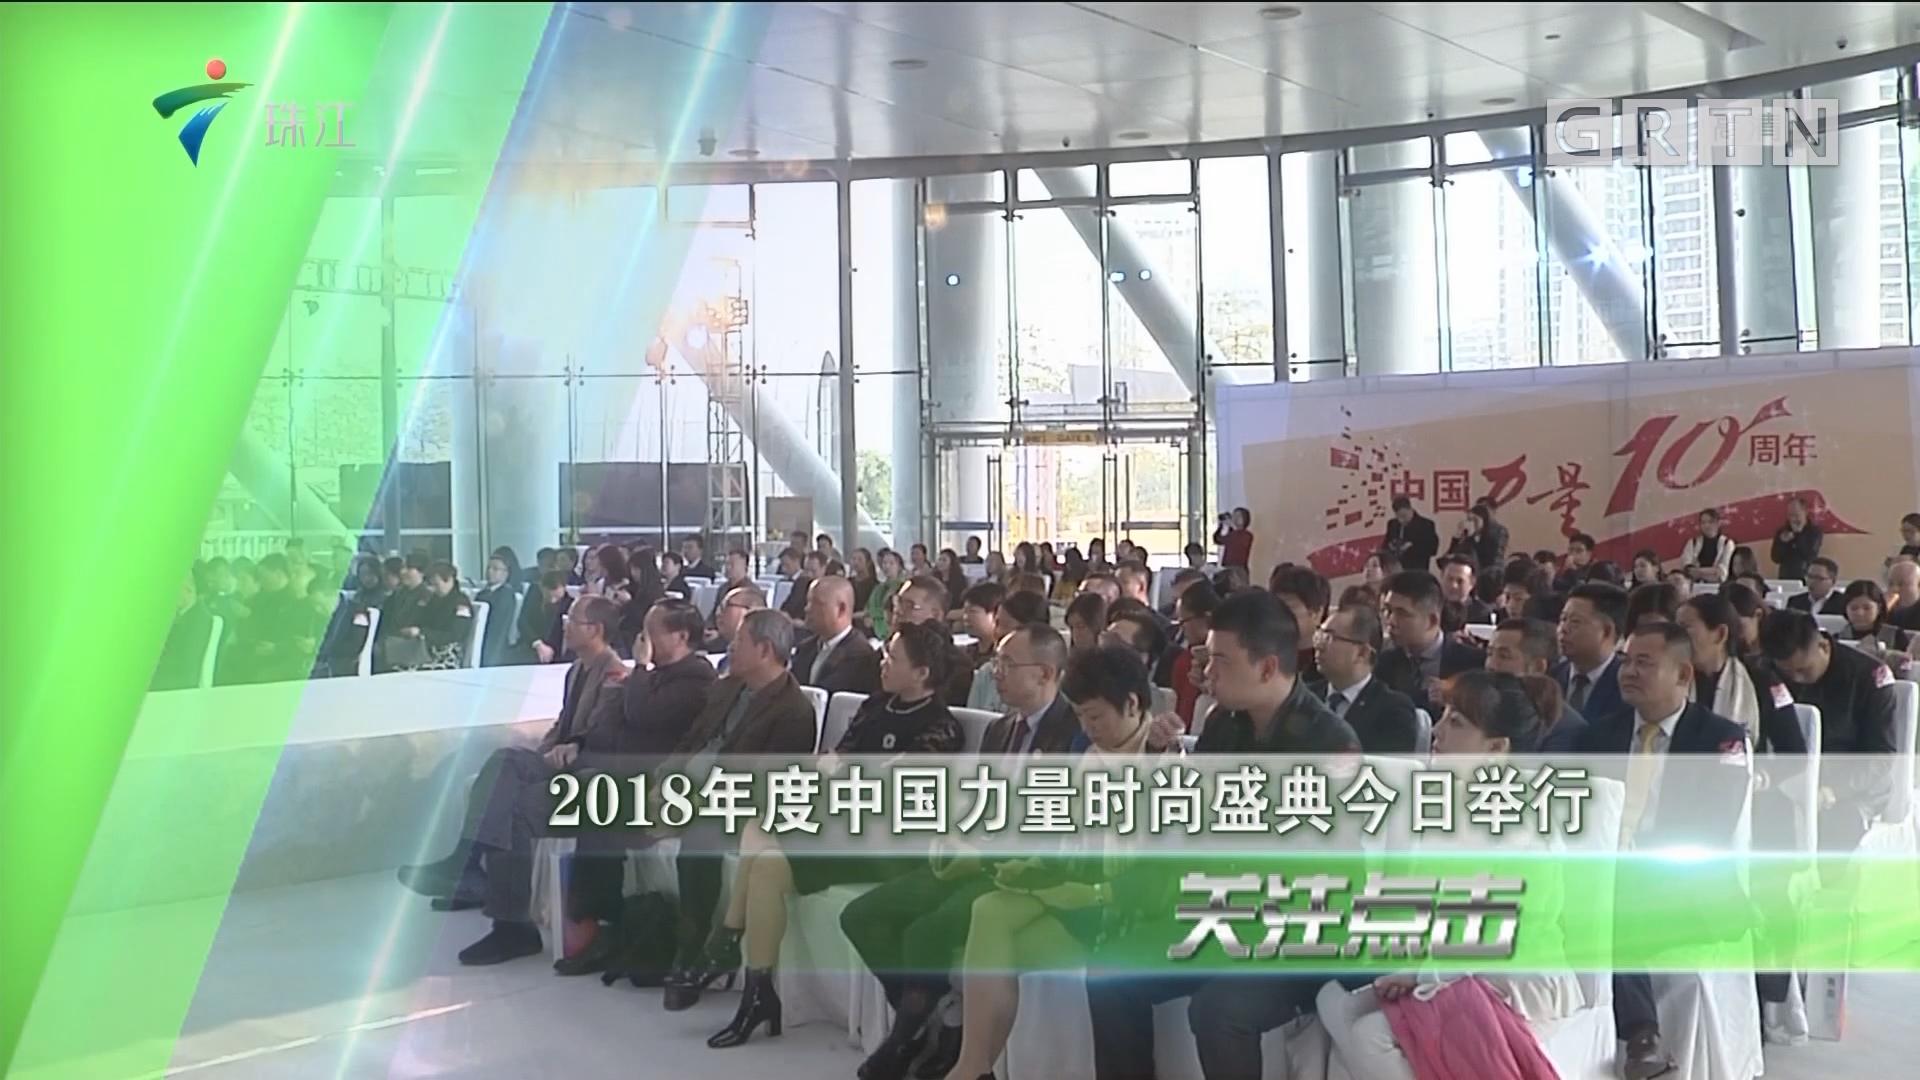 2018年度中国力量时尚盛典今日举行